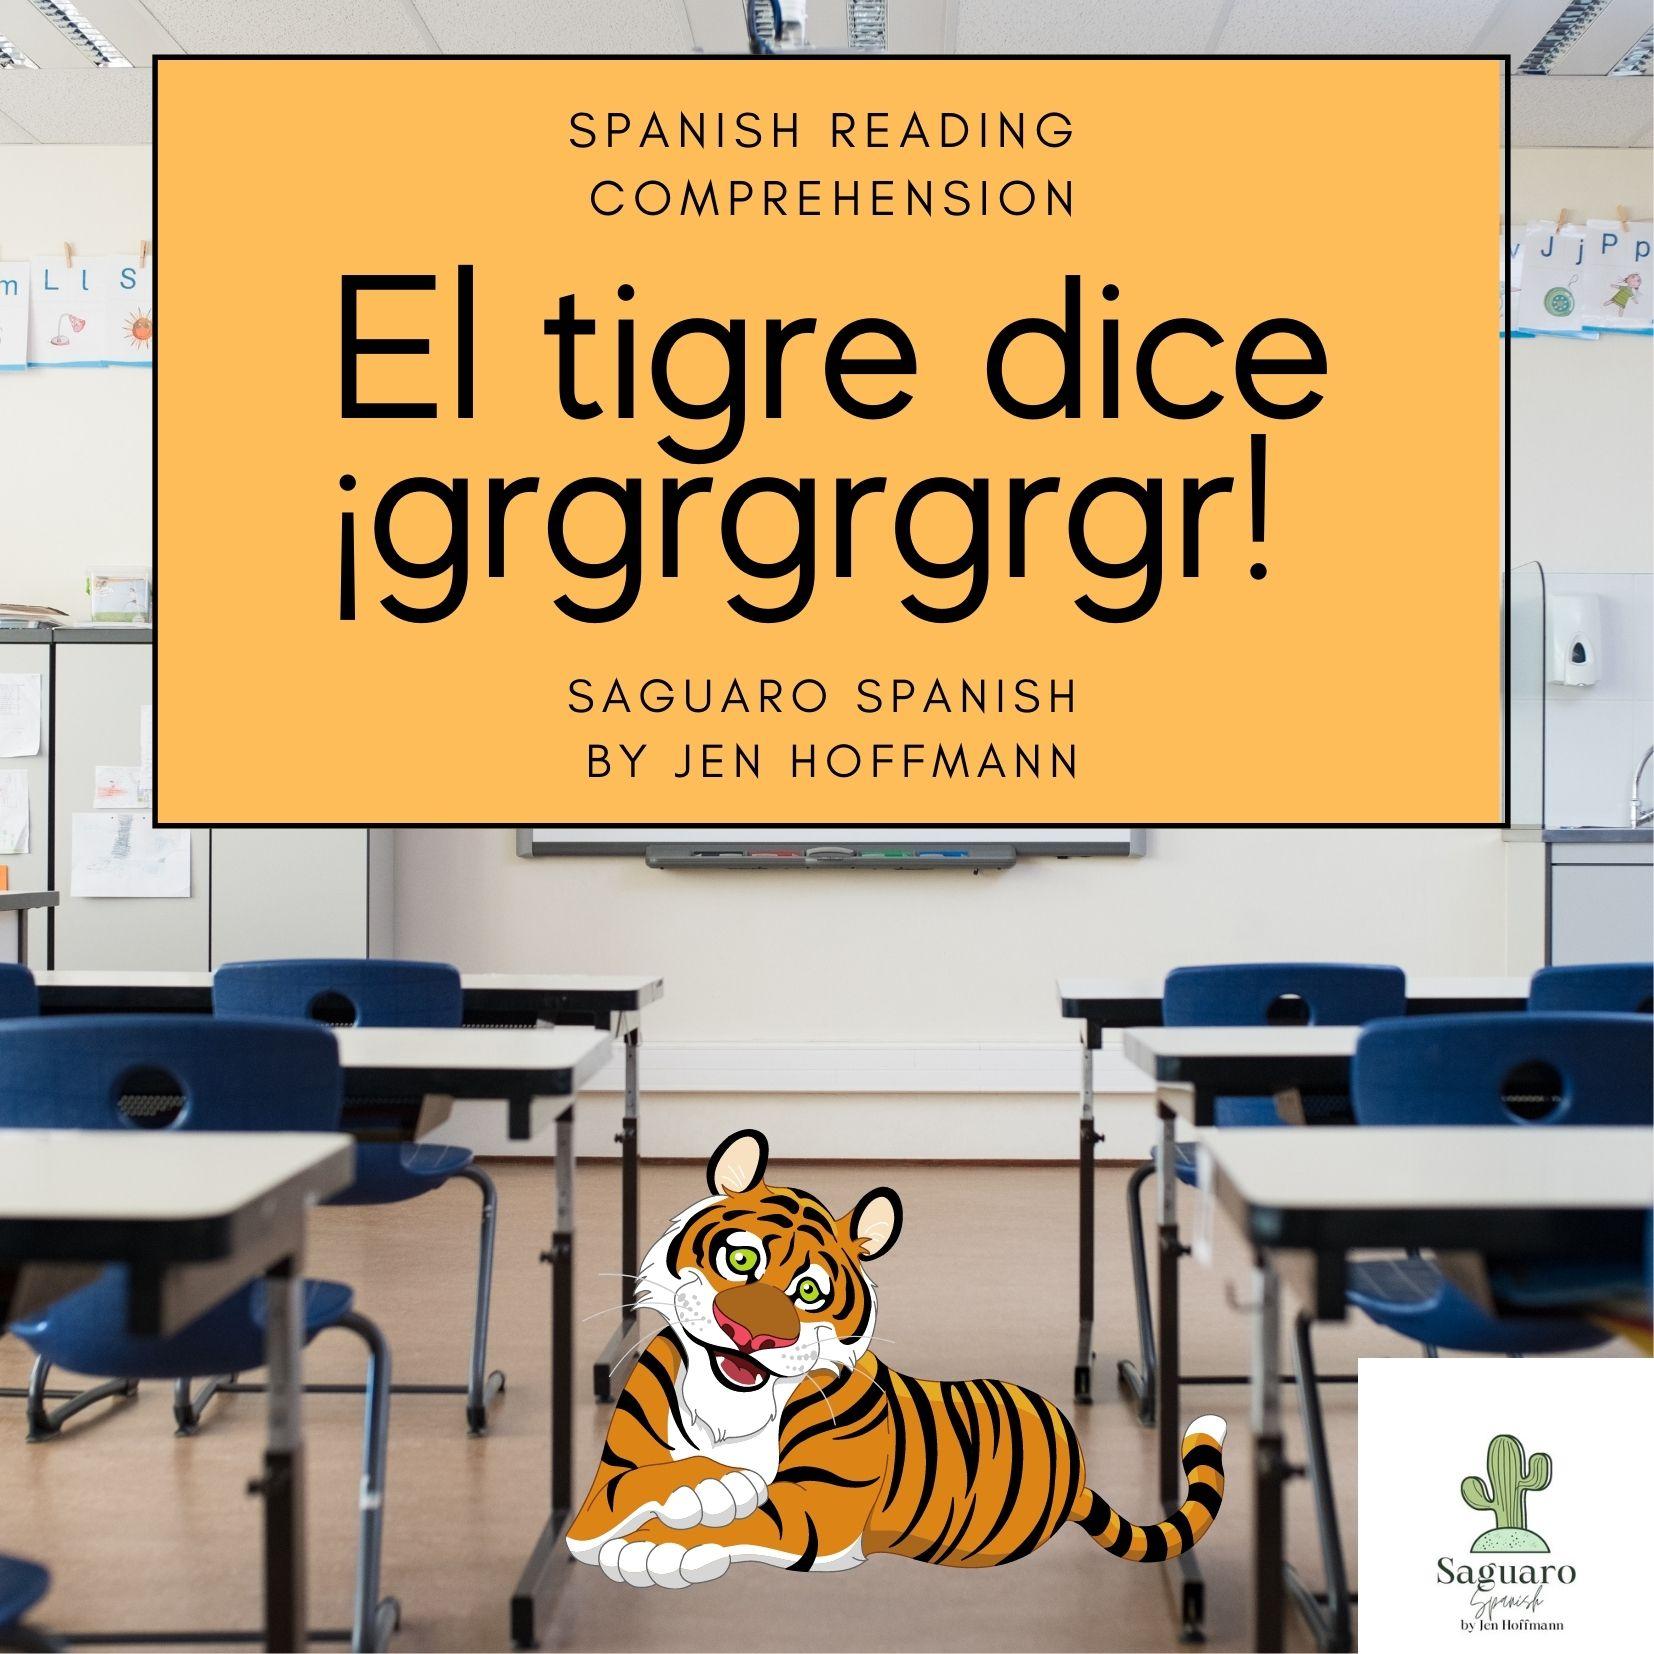 Spanish (CI) Reading Comprehension Story and Worksheet: El tigre dice ¡grgrgrgr!